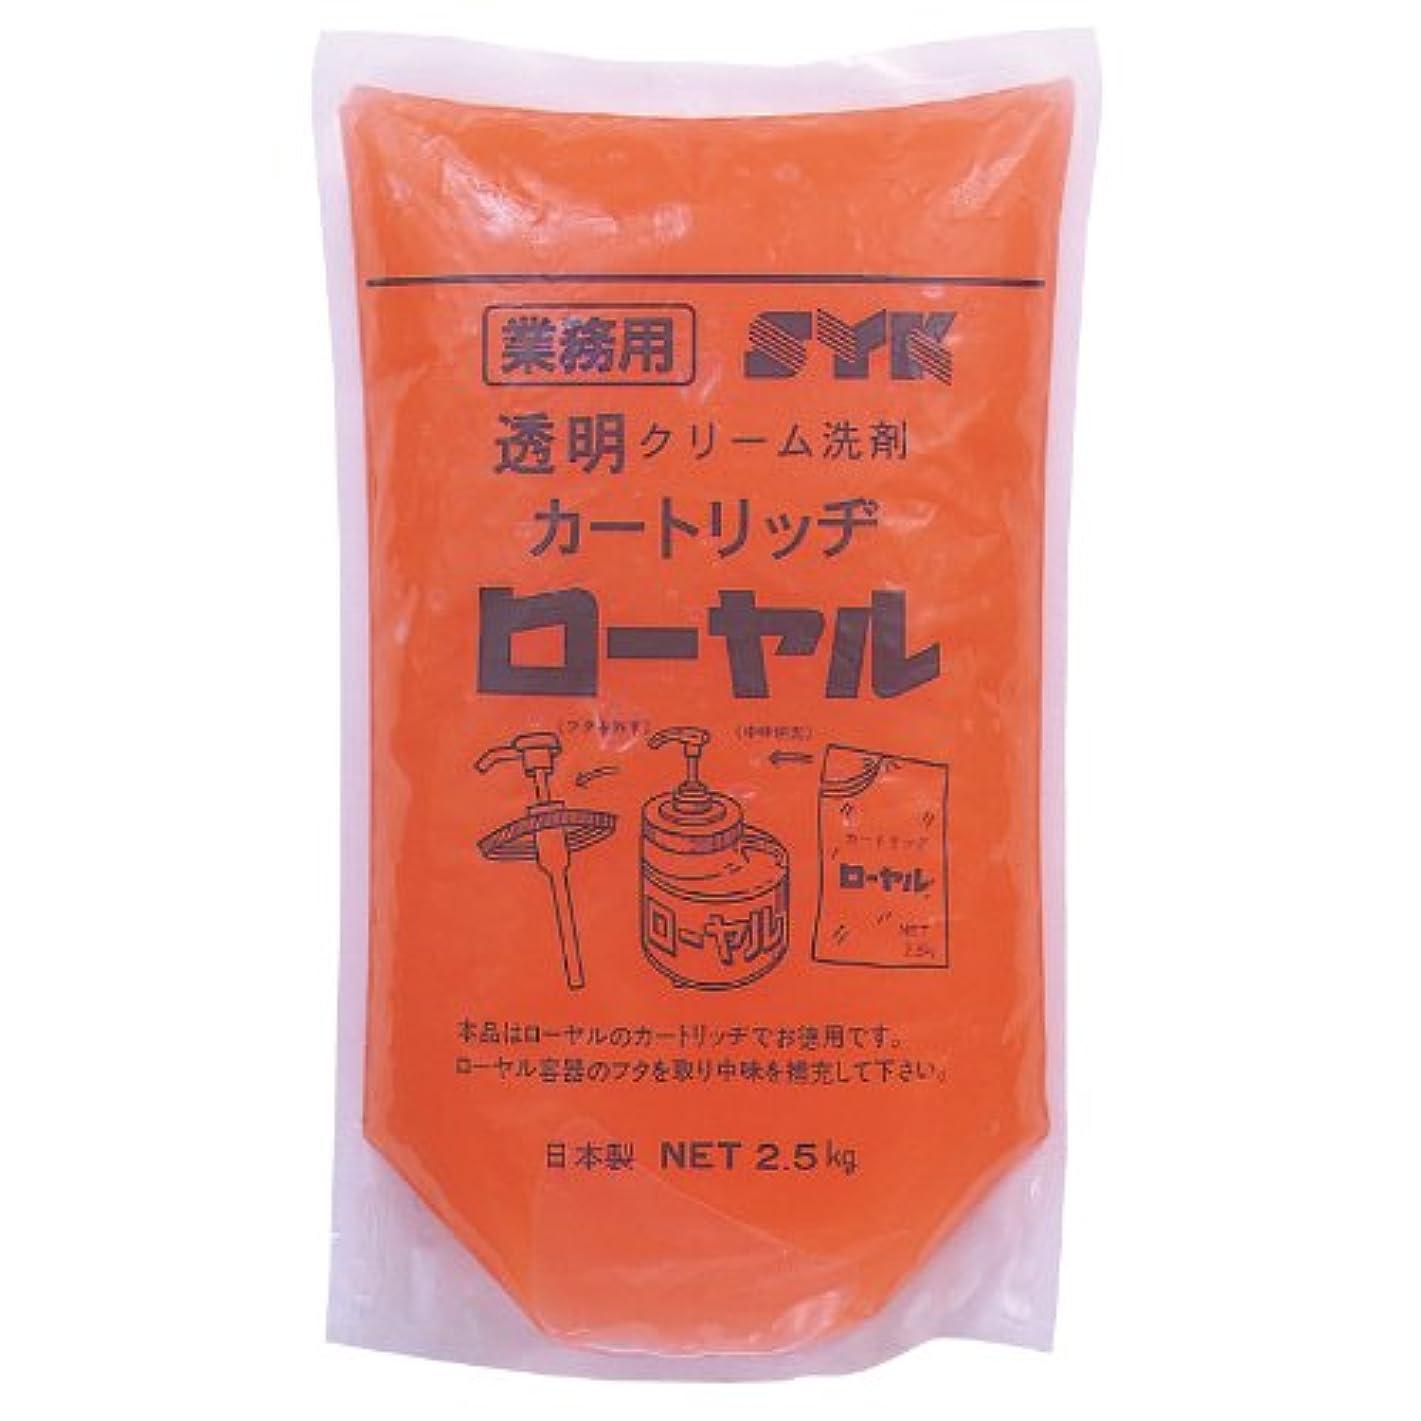 近似当社冷ややかな鈴木油脂 水無しでも使える業務用ハンドソープ ローヤル 2.5kg×6個